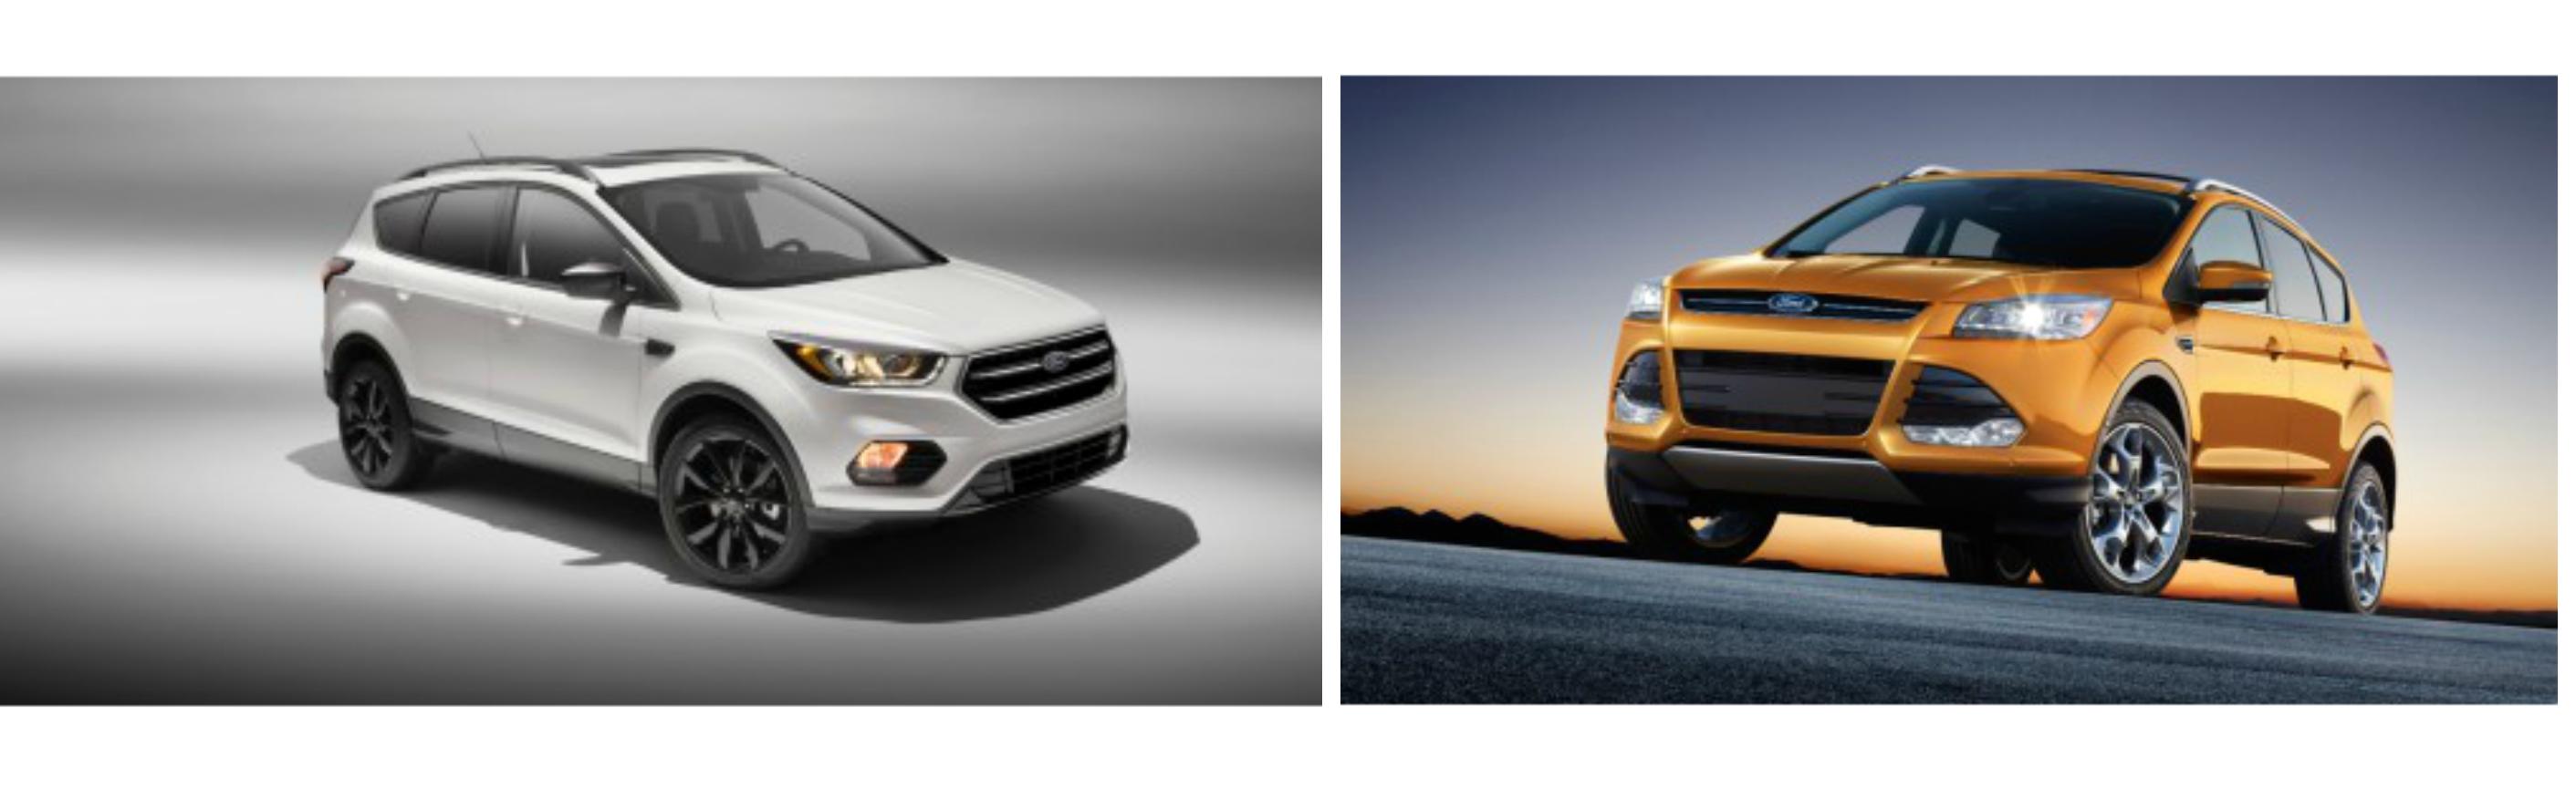 2016 Ford Escape vs 2017 Ford Escape